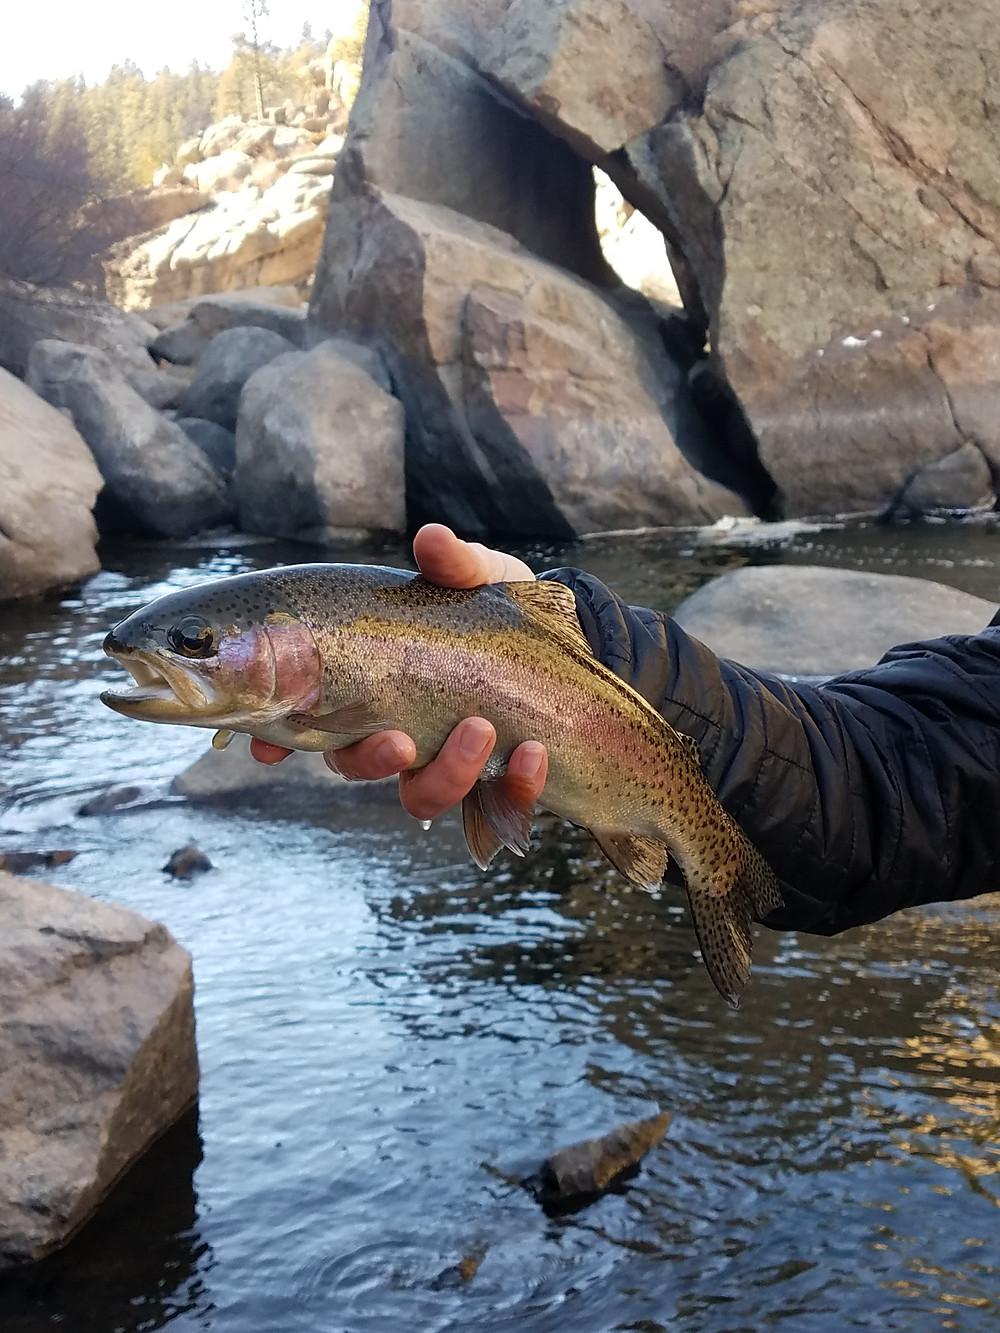 South Platte River Eleven Mile Canyon Rainbow Trout